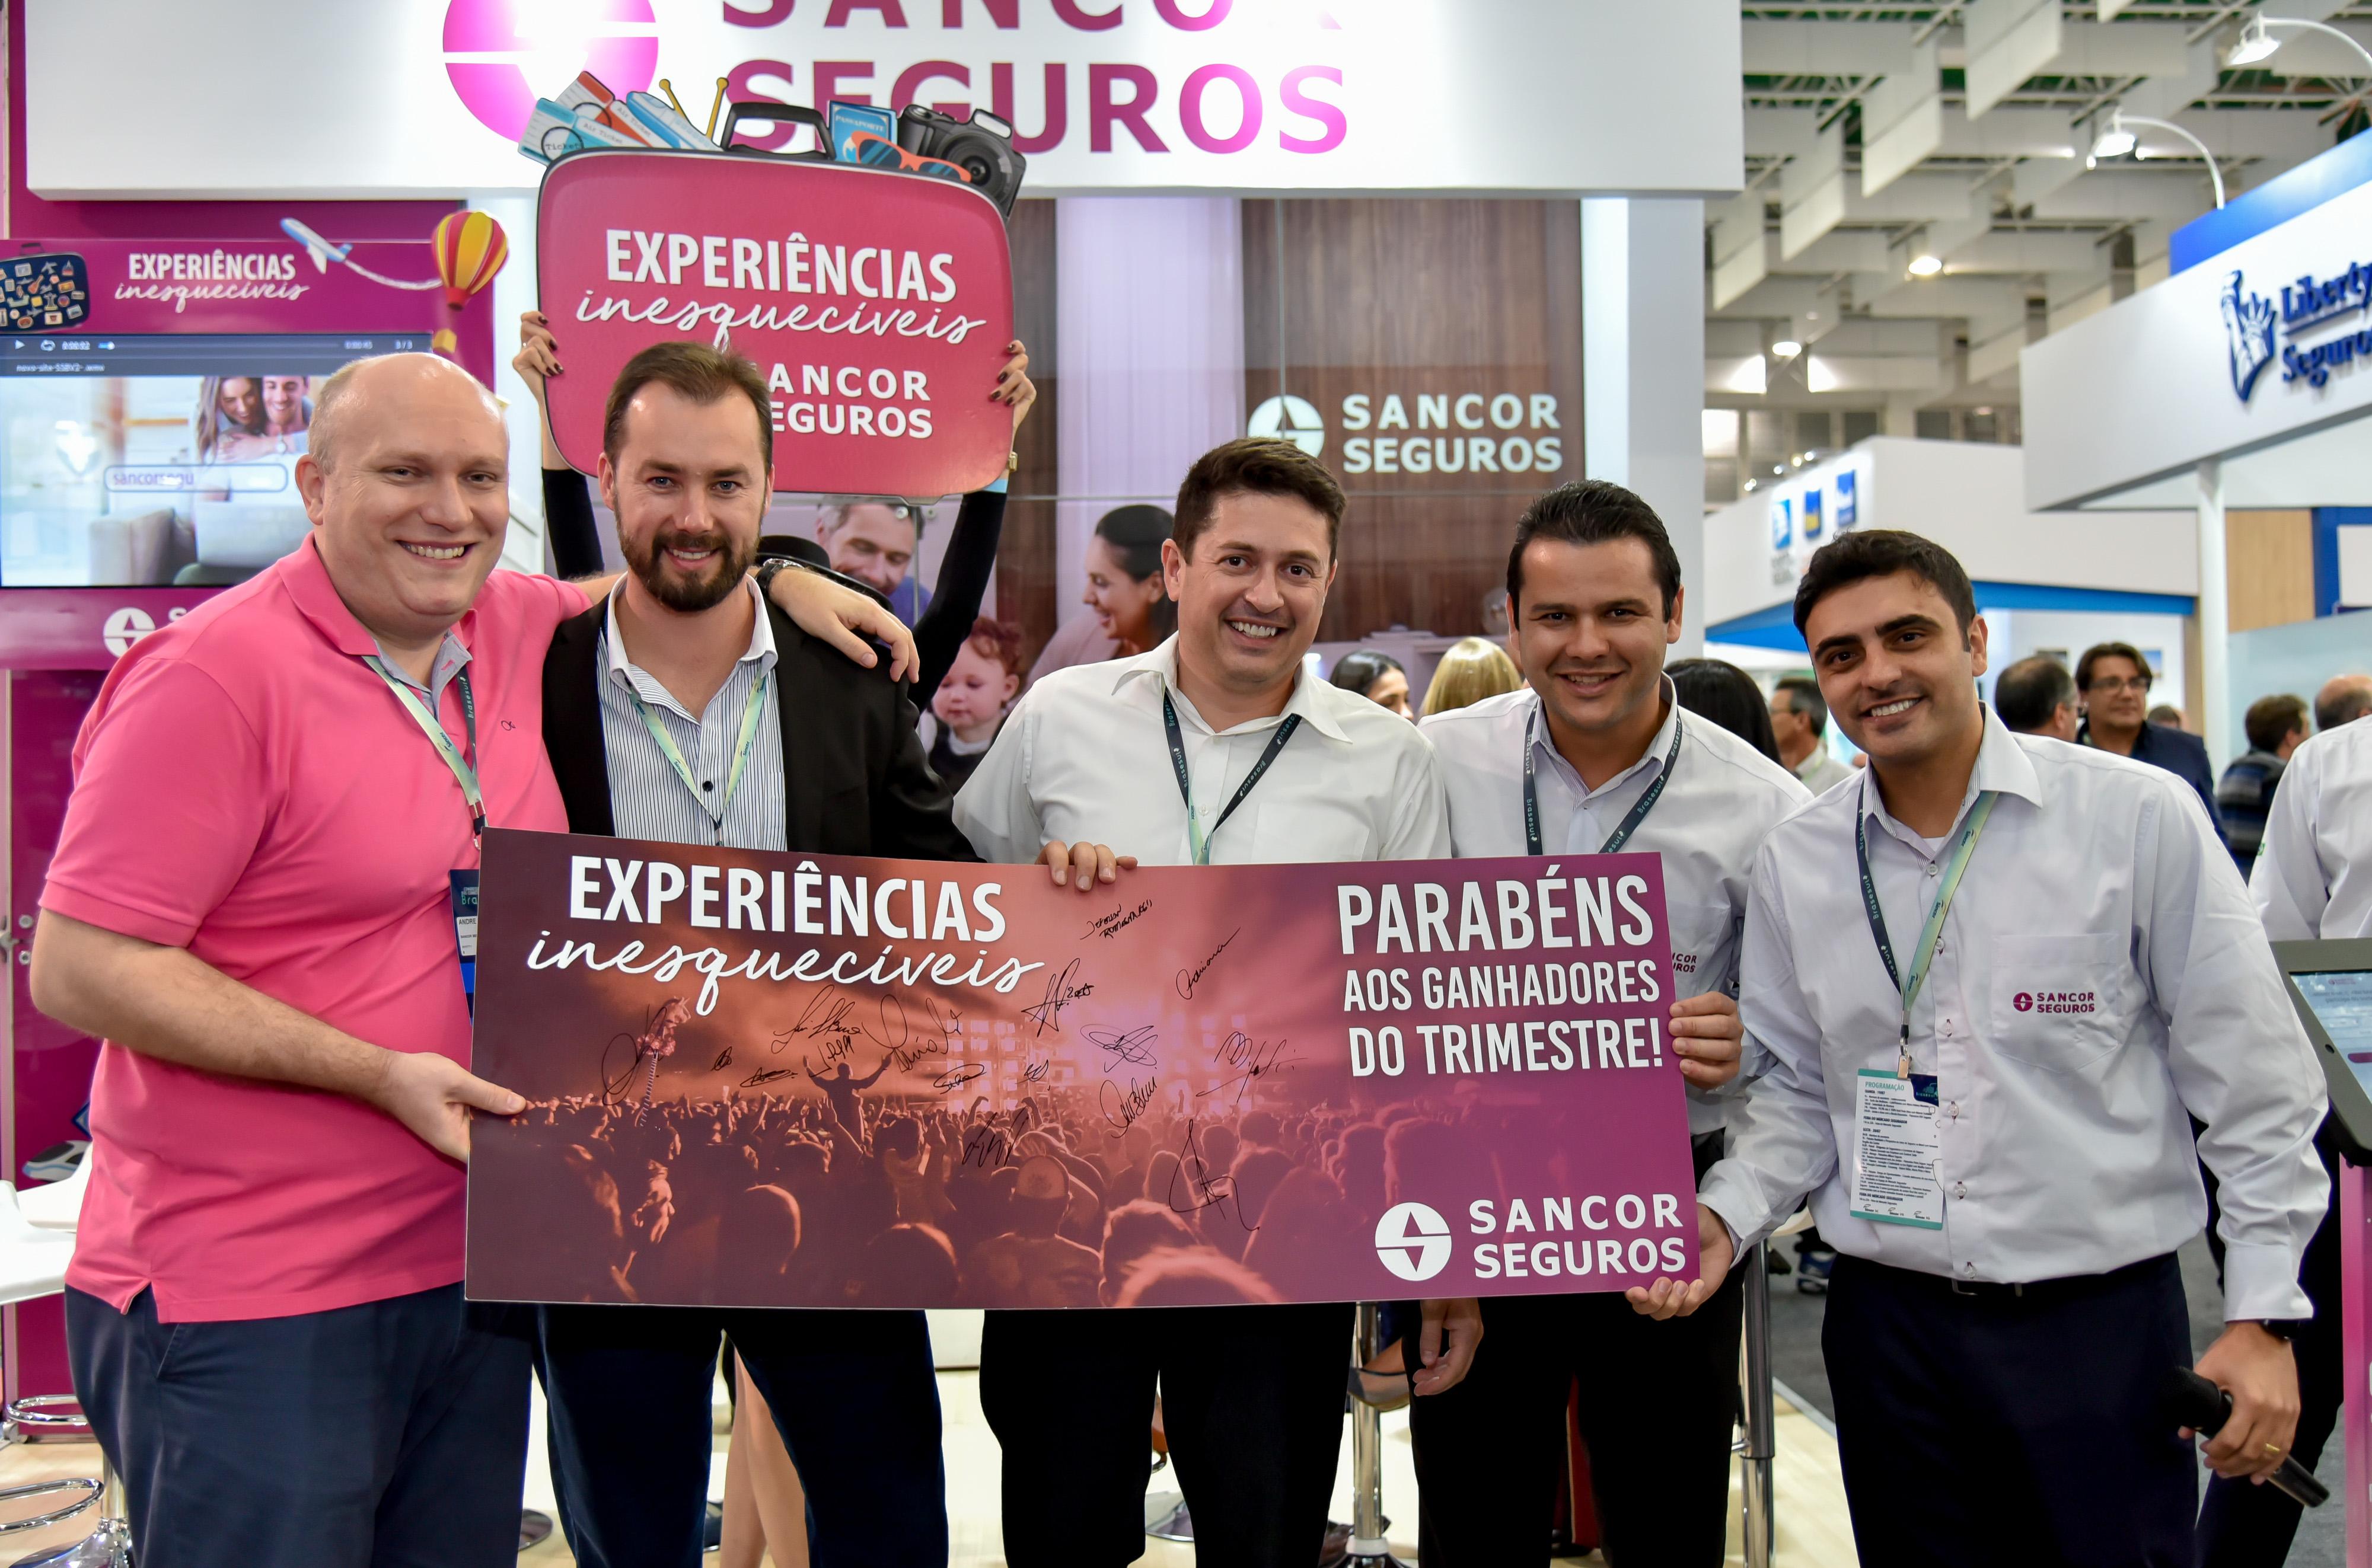 Corretores premiados e equipe da Sancor Seguros